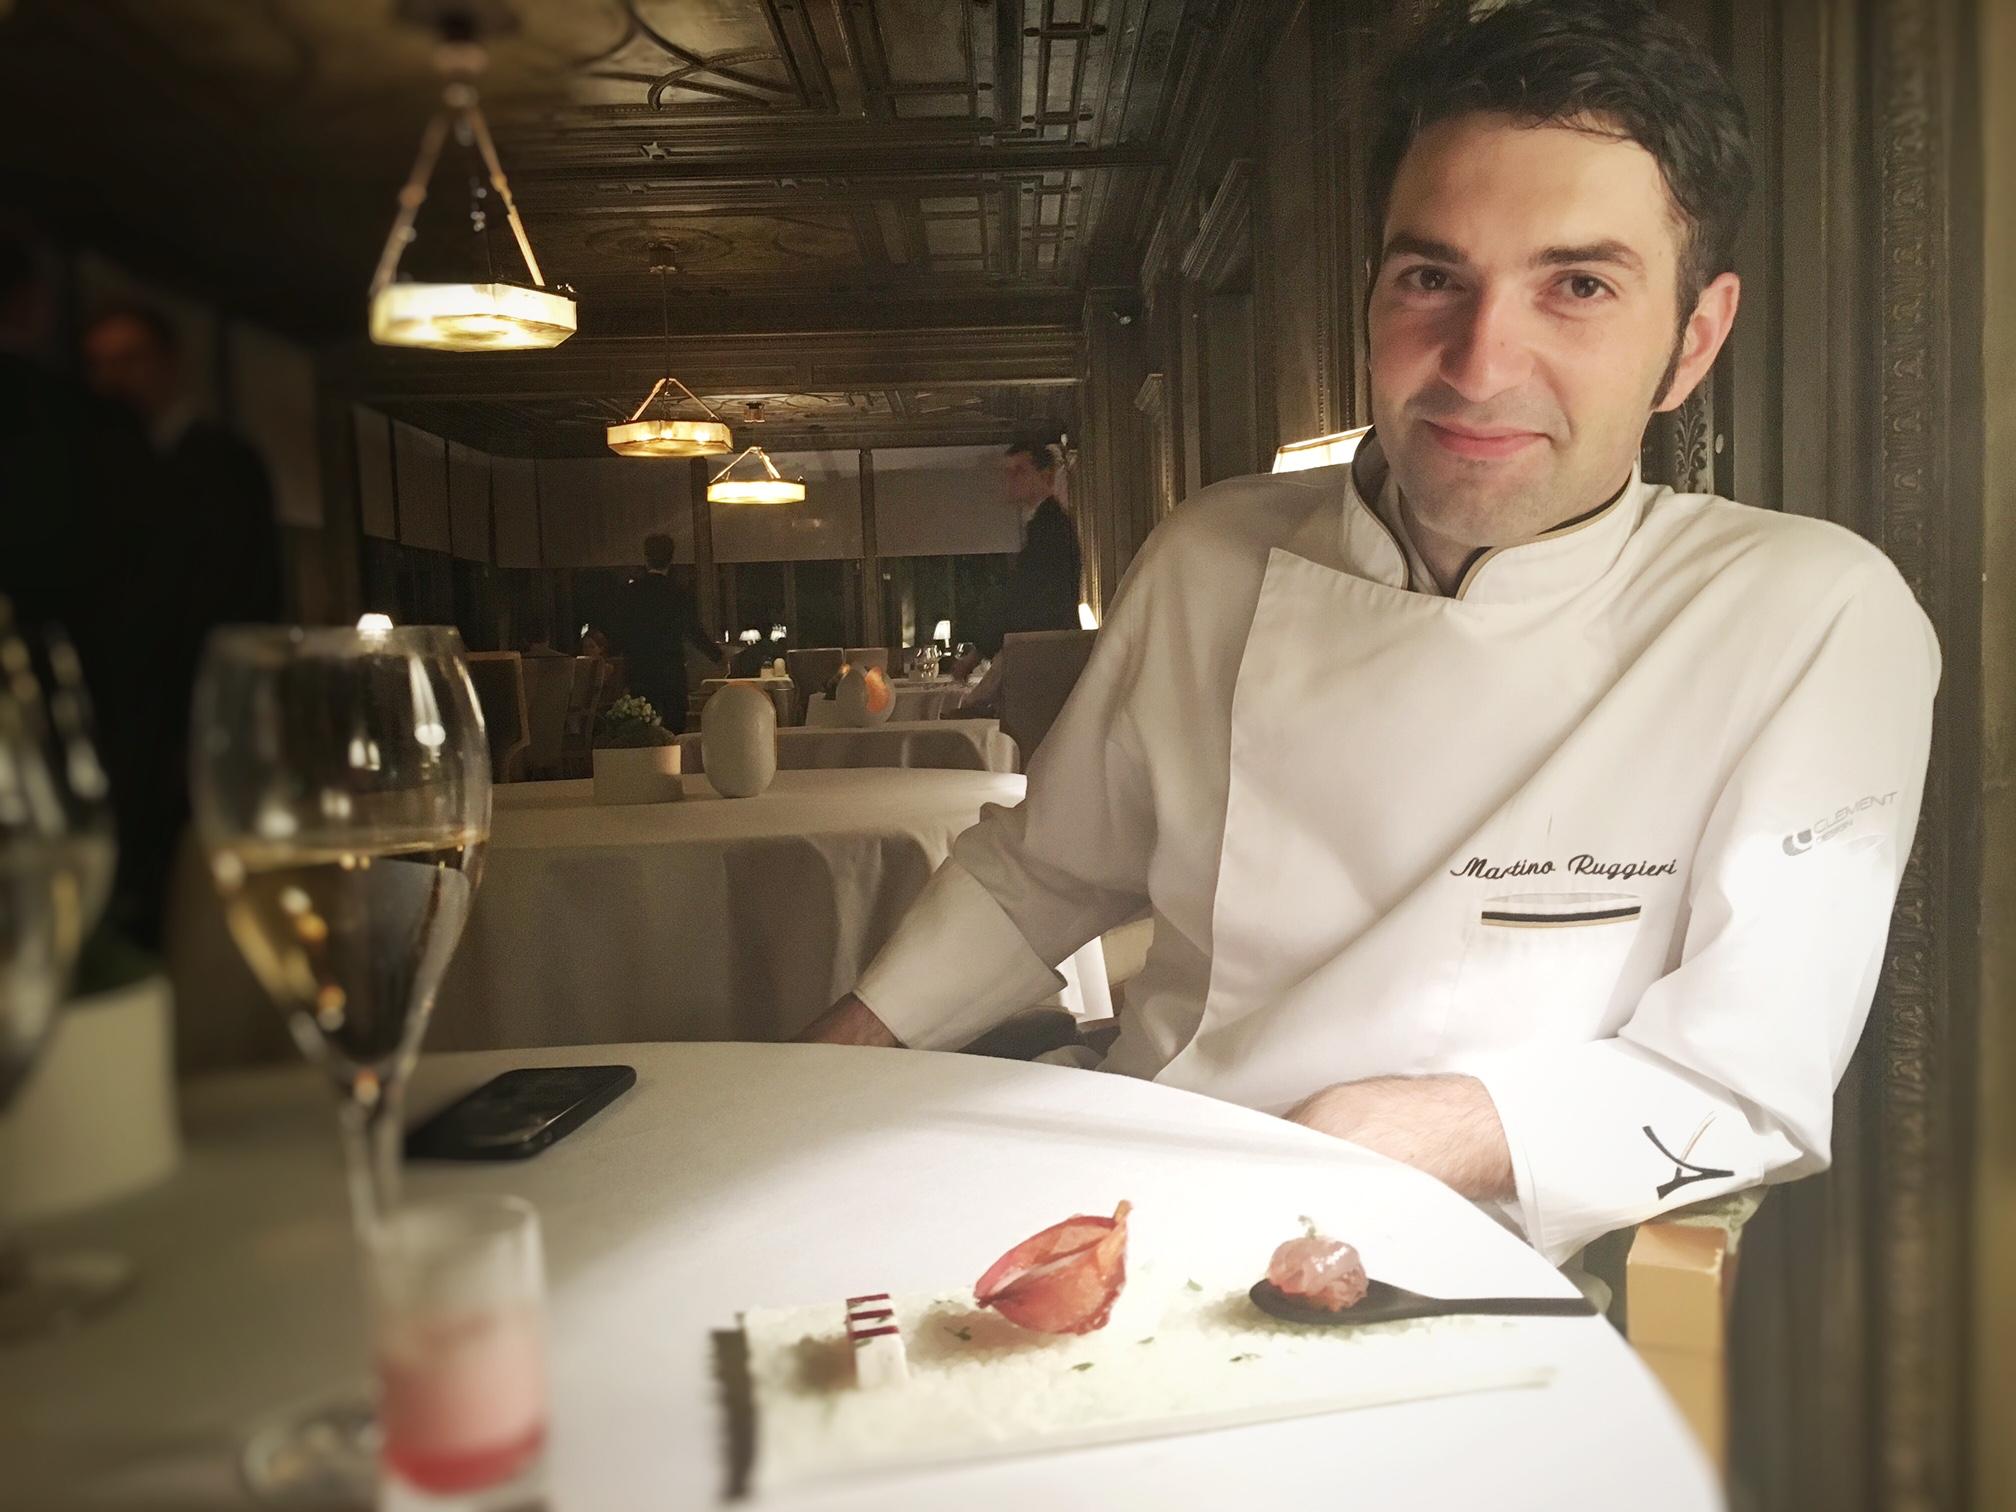 Martino ruggieri racconta la rivoluzione in cucina di yannick all no monica caradonna - La cucina di monica ...